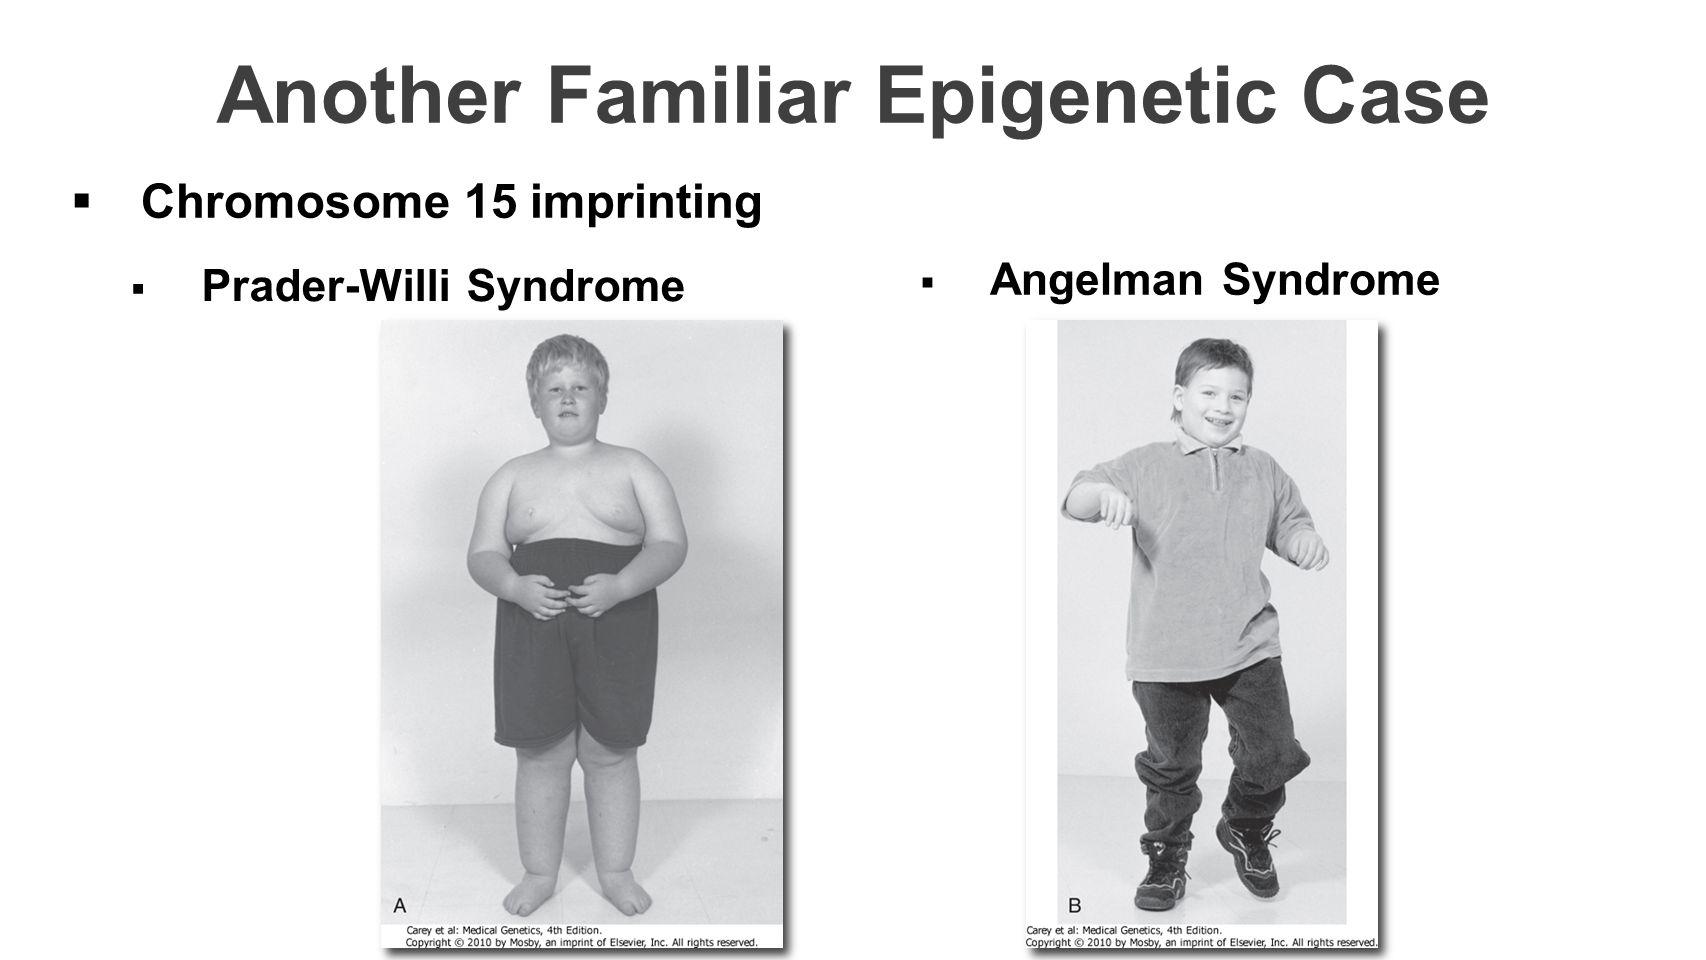 Another Familiar Epigenetic Case